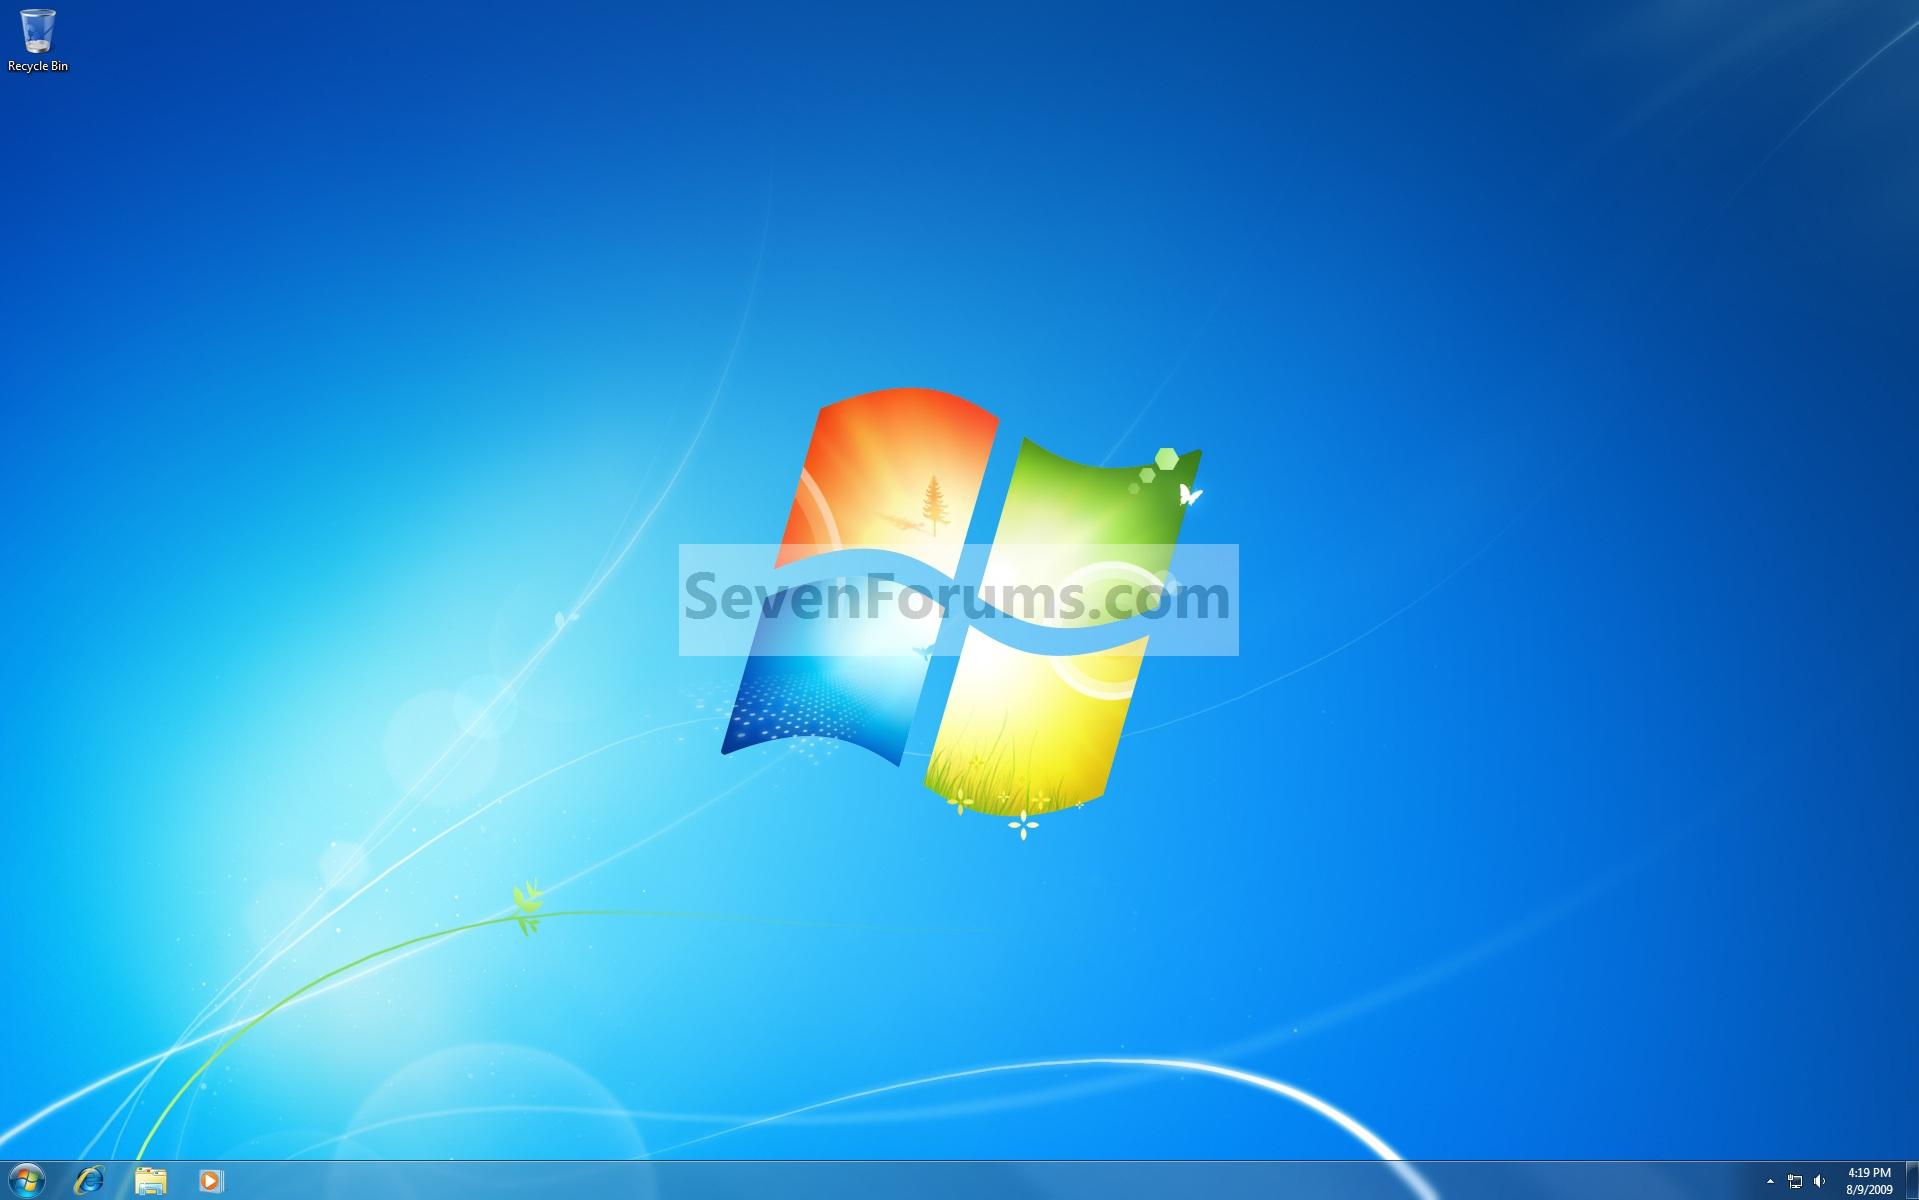 Windows 7 Backgrounds, Compatible - PC, Mobile, Gadgets| 1919x1200 px